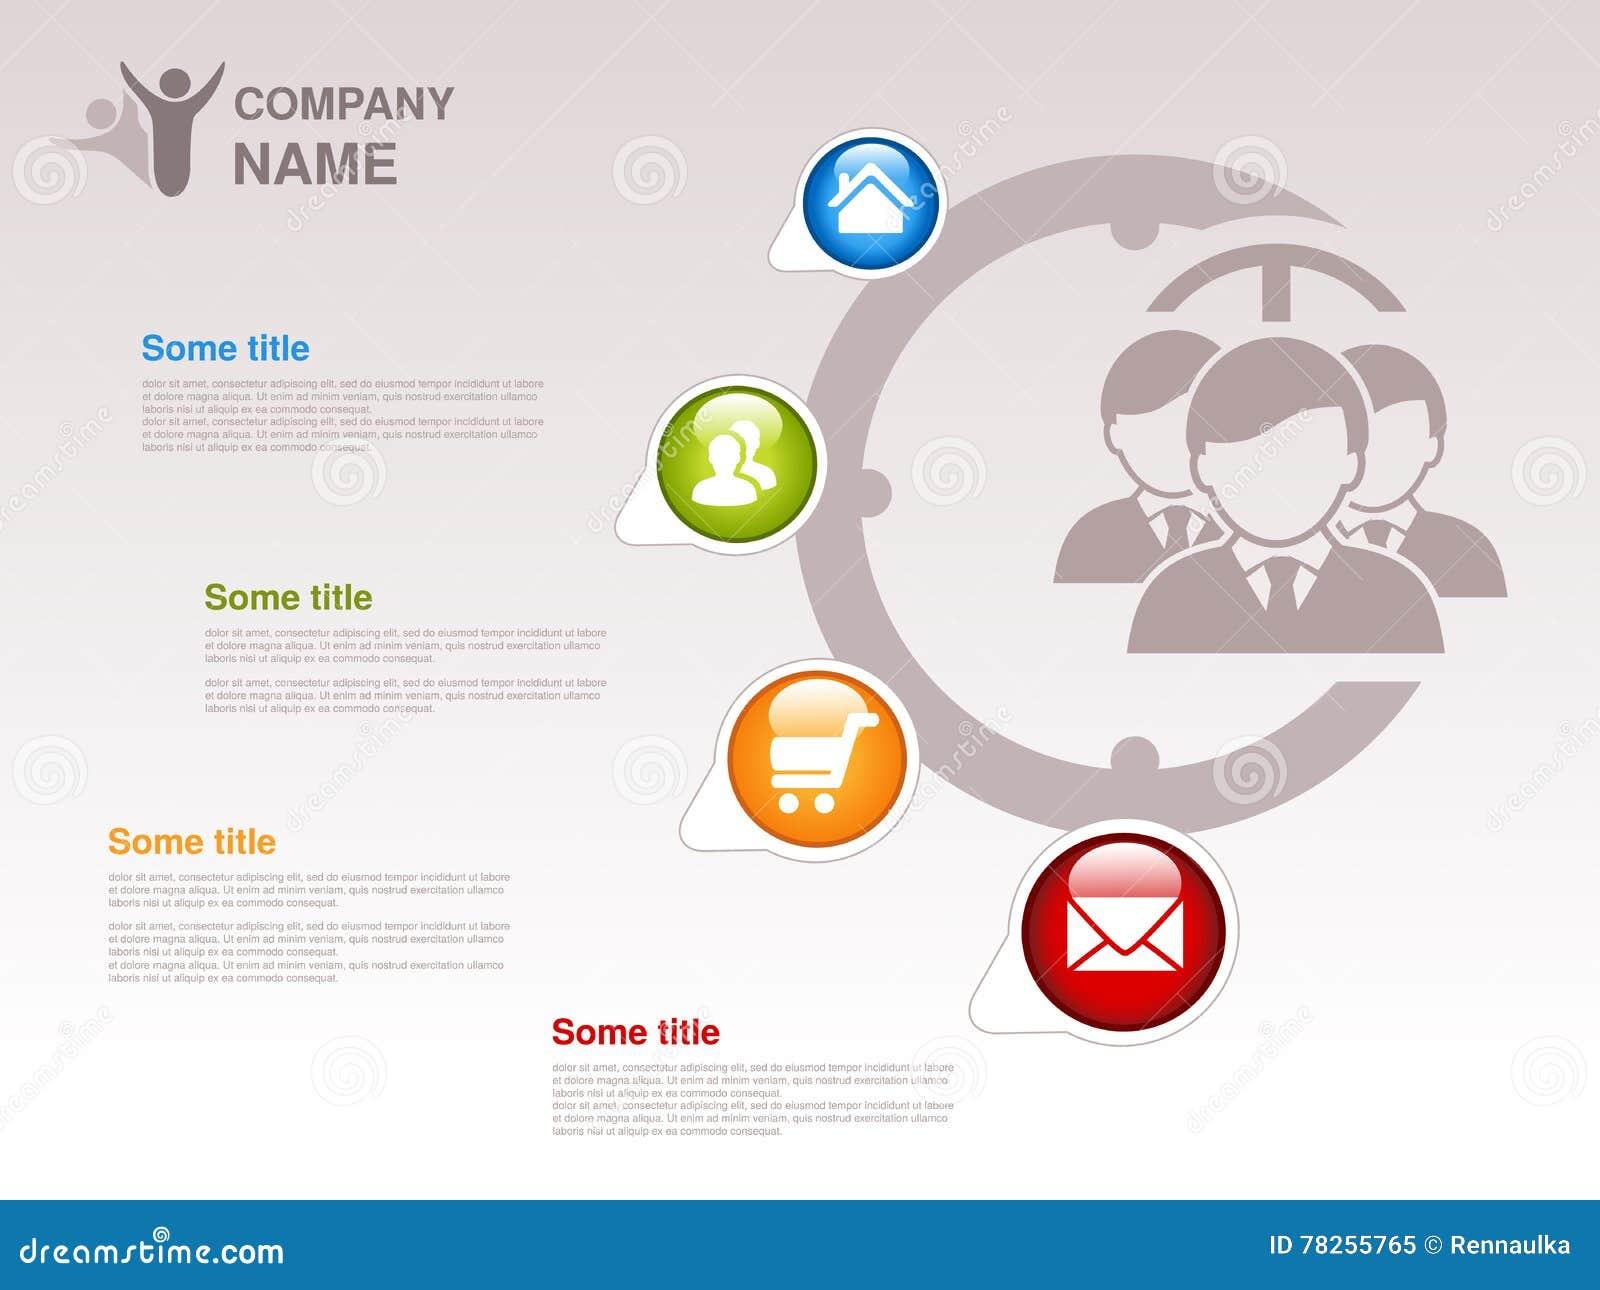 Doc741348 Profile Company Template Business Profile Template – Profile Company Template